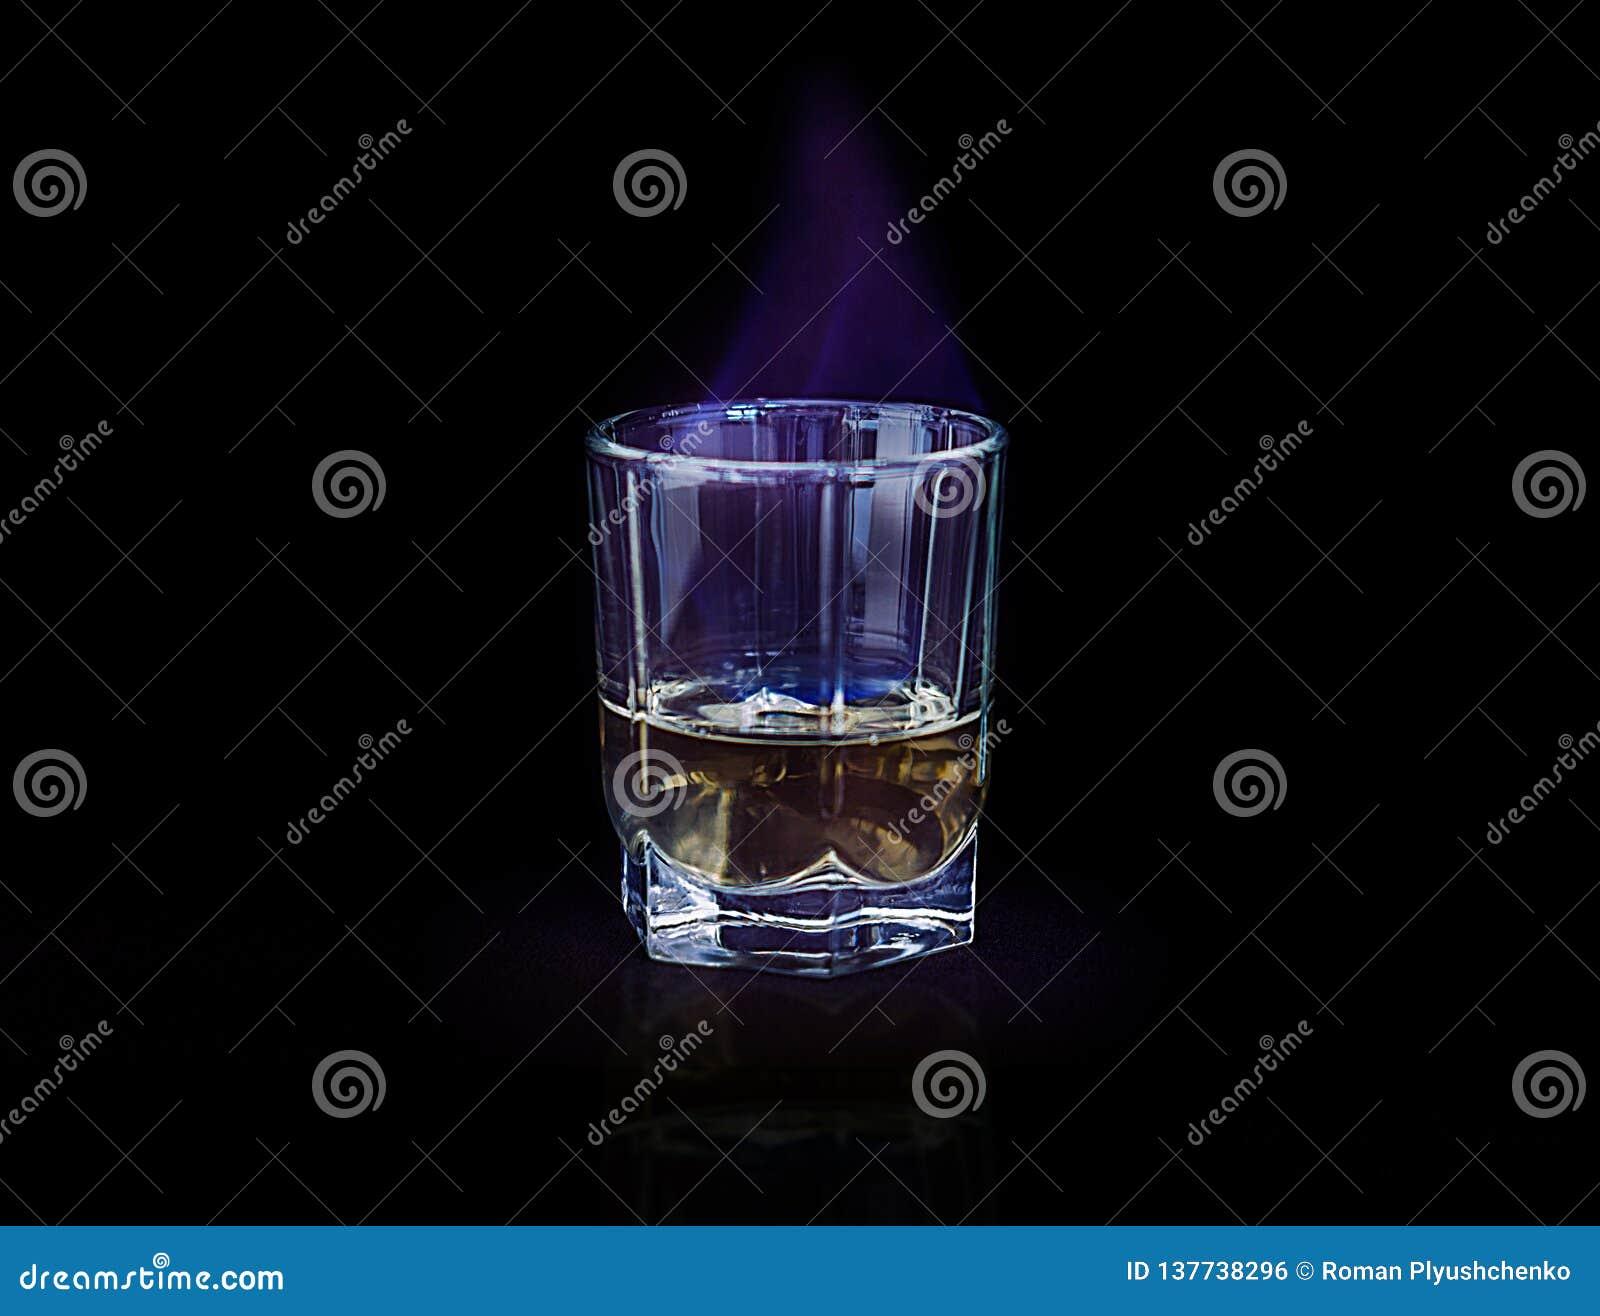 酒精烧蓝焰的杯